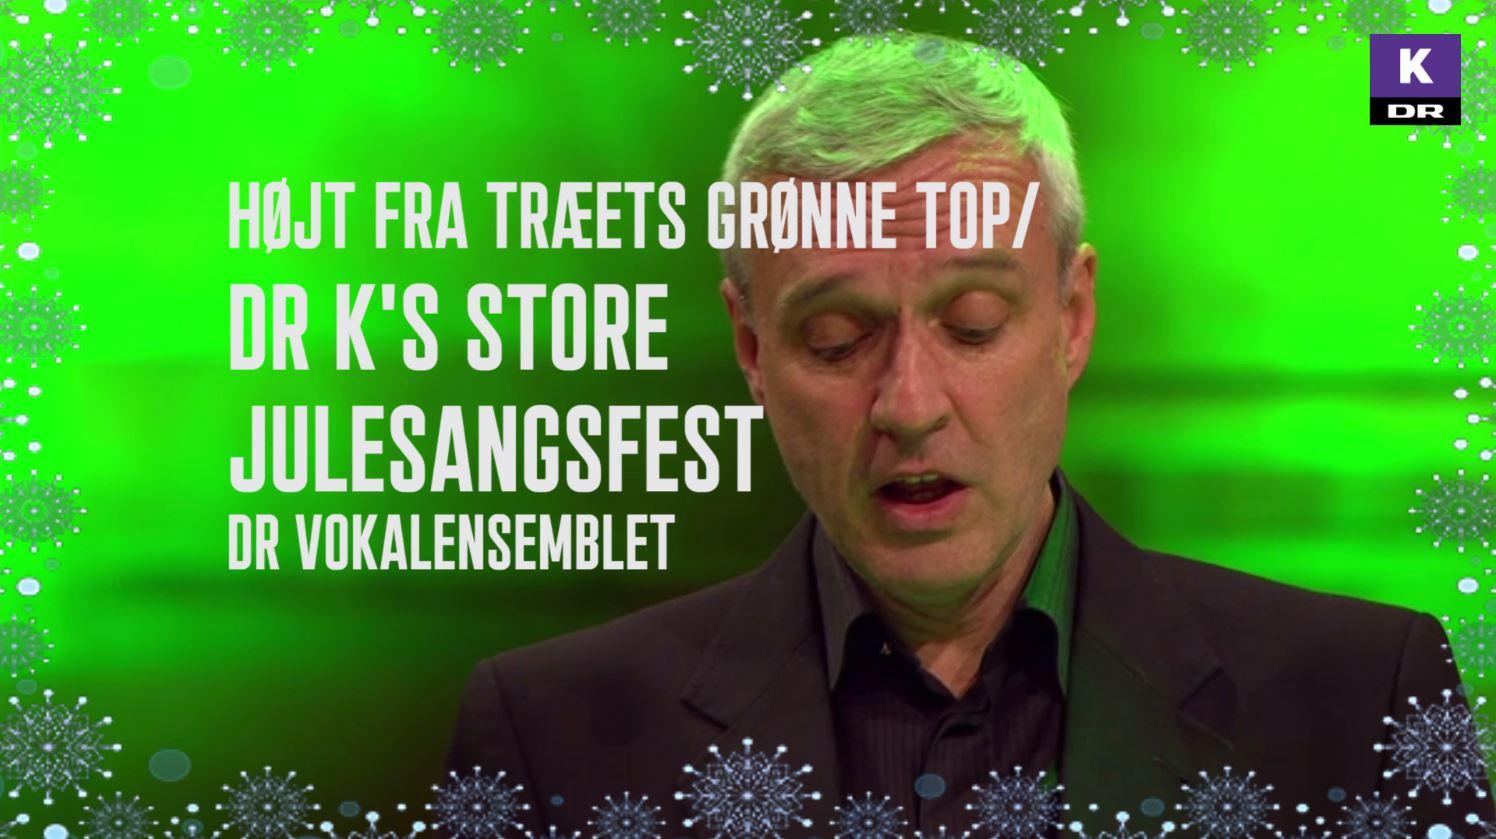 dr_vokalensemblet_-_hoejt_fra_traeets_groenne_top_still.jpg